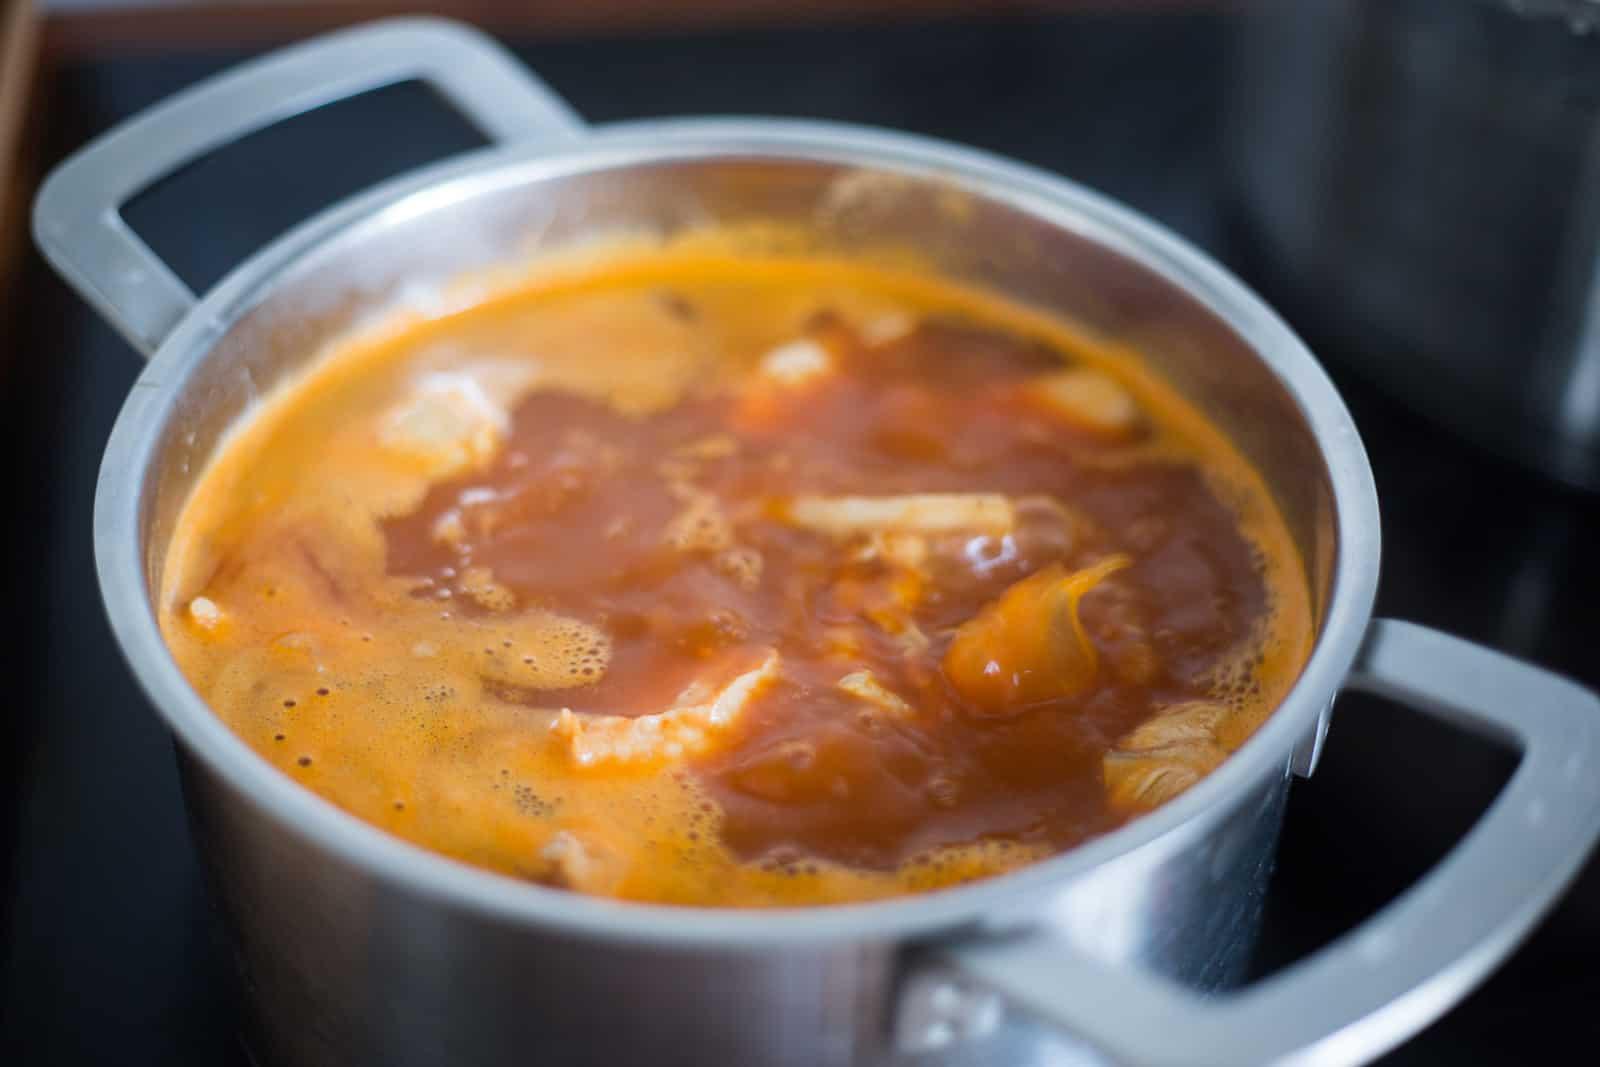 Como hacer pozole rojo: Después de haberle agregado la salsa